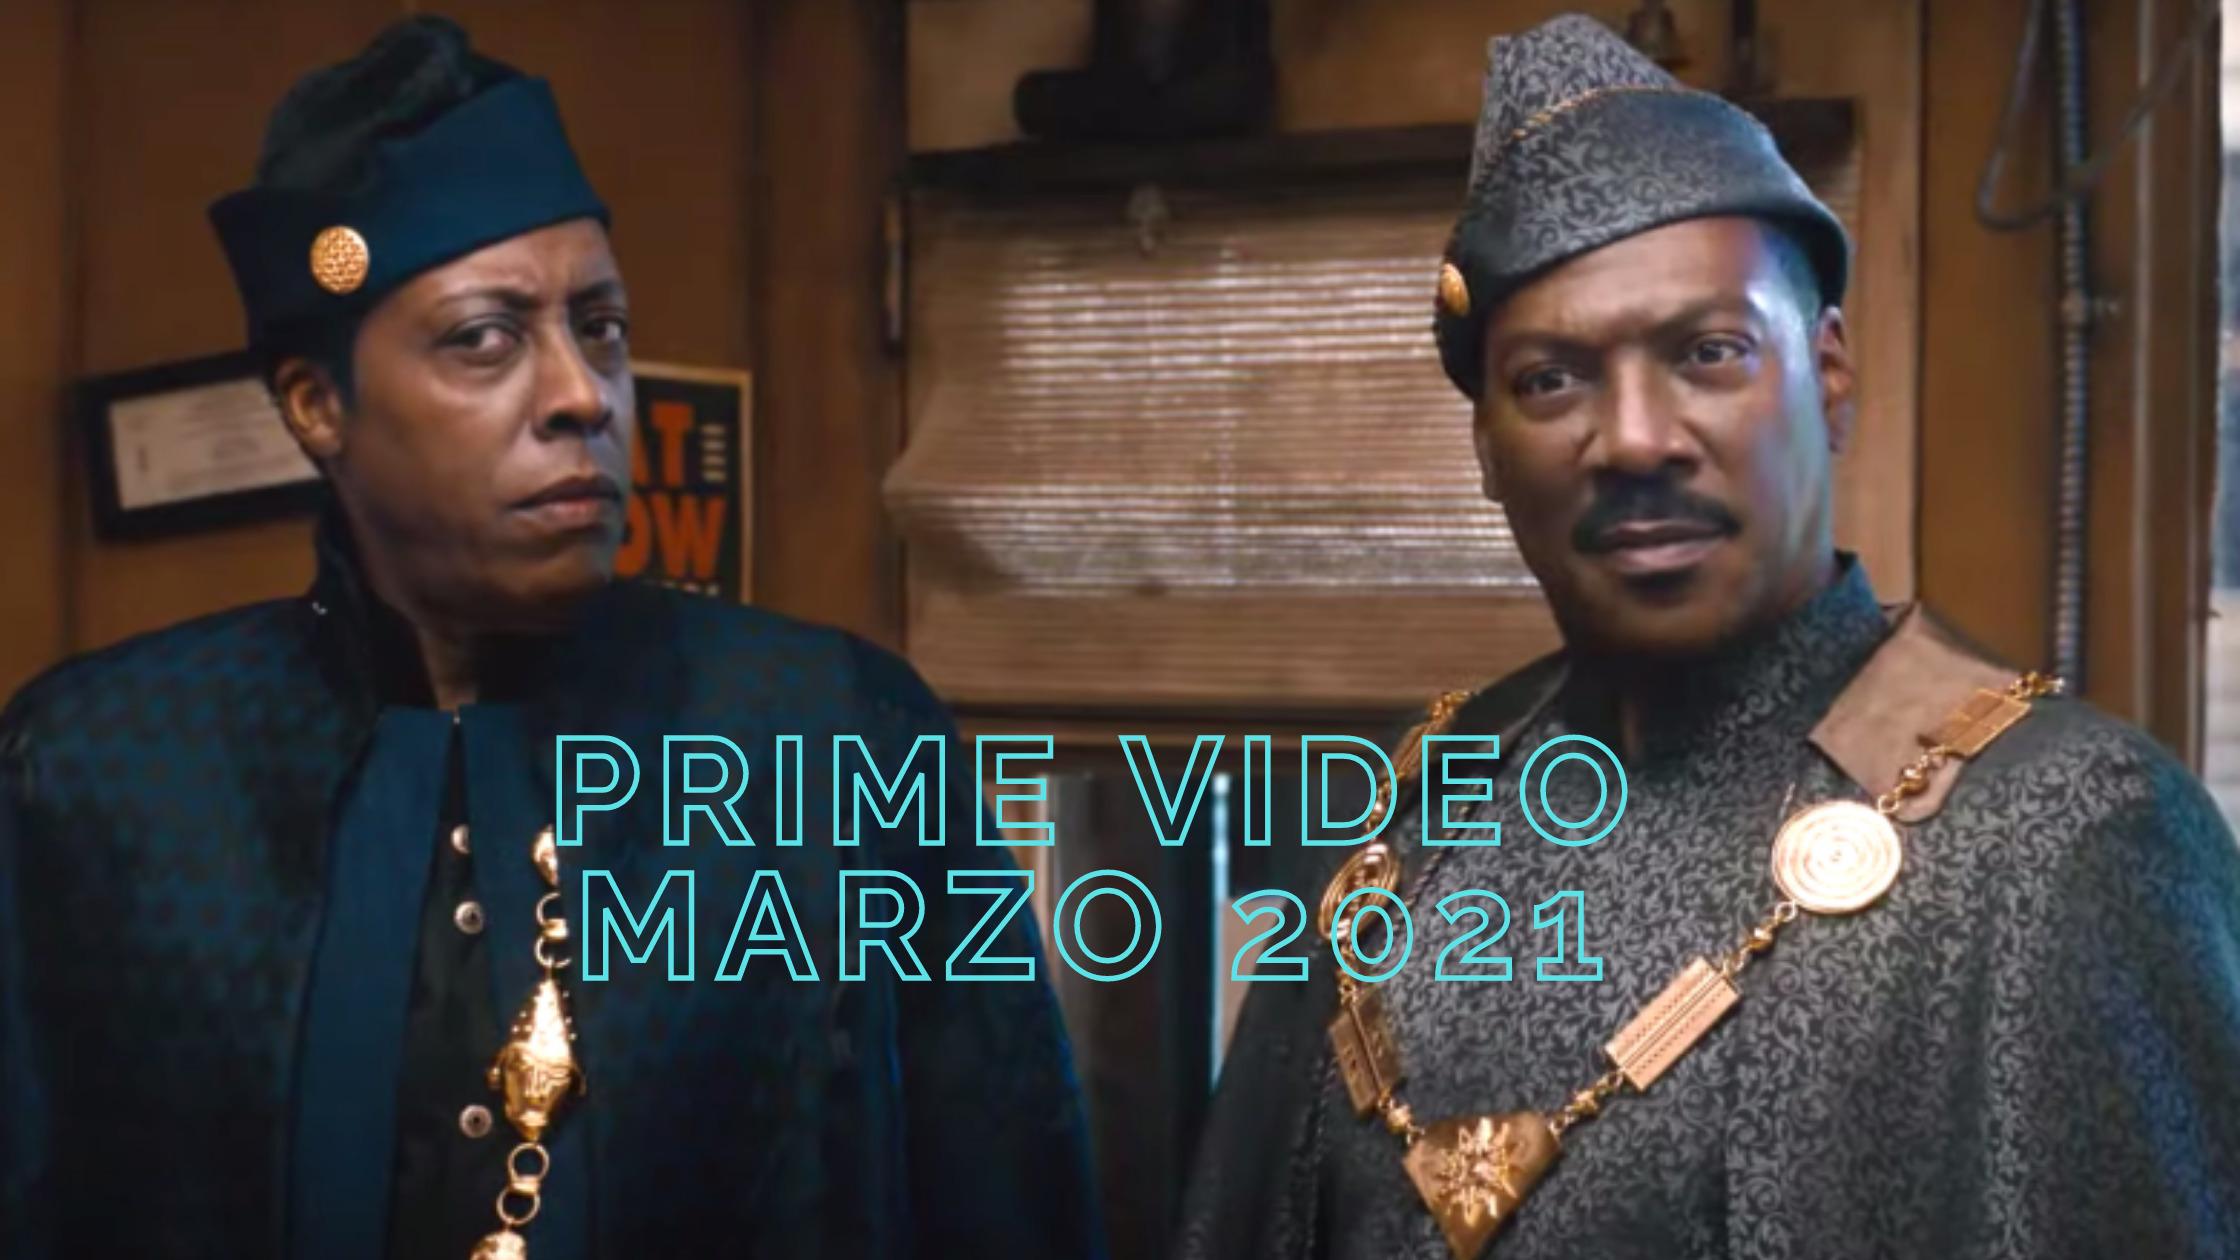 Prime video marzo 2021